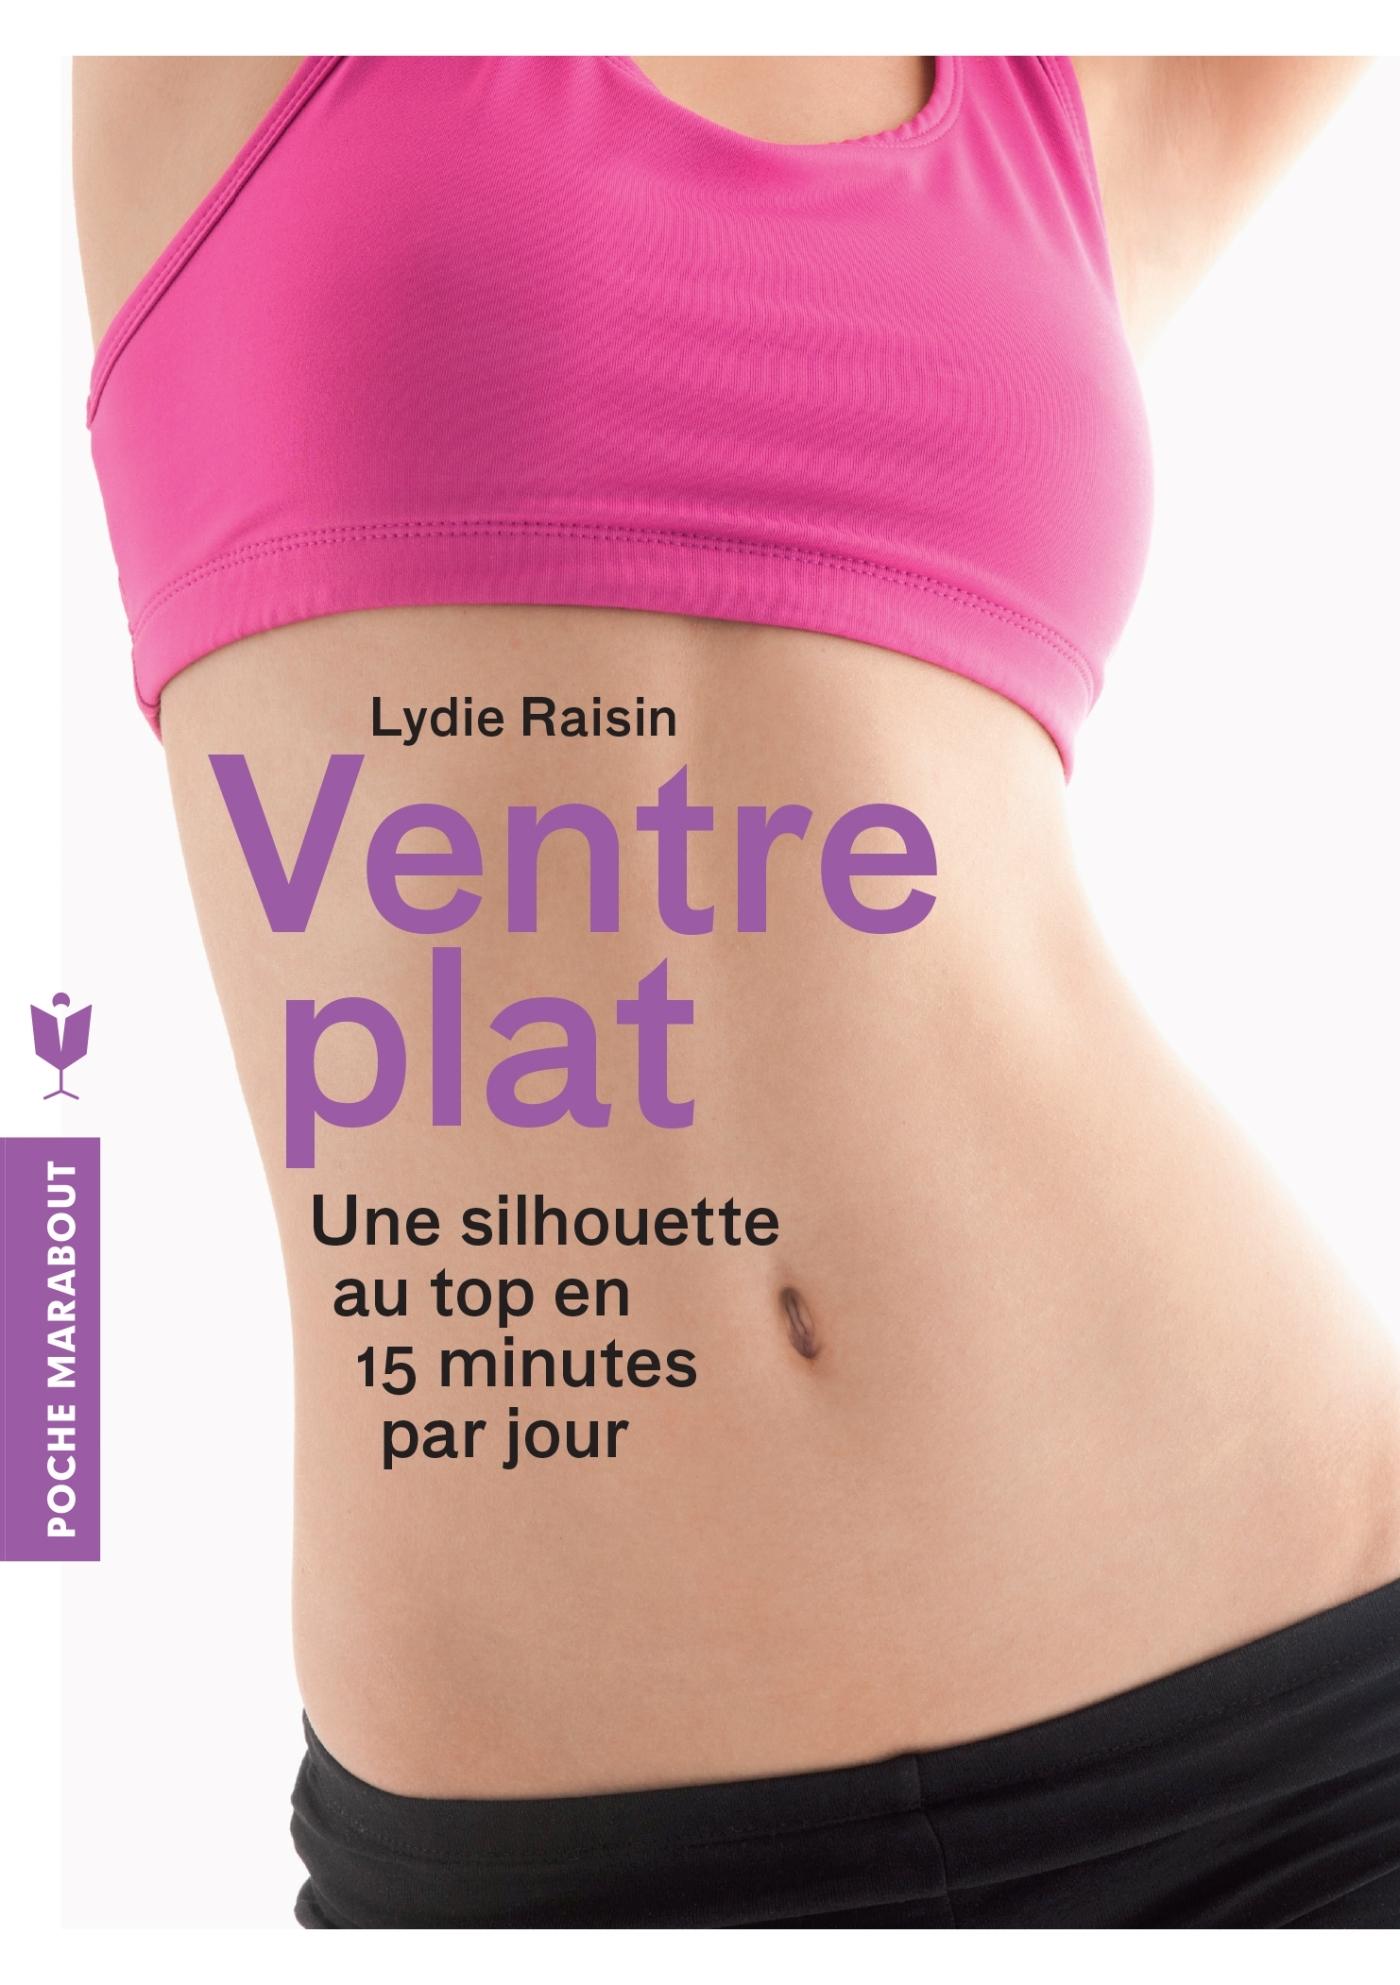 VENTRE PLAT - UNE SILHOUETTE AU TOP EN 15 MINUTES PAR JOUR